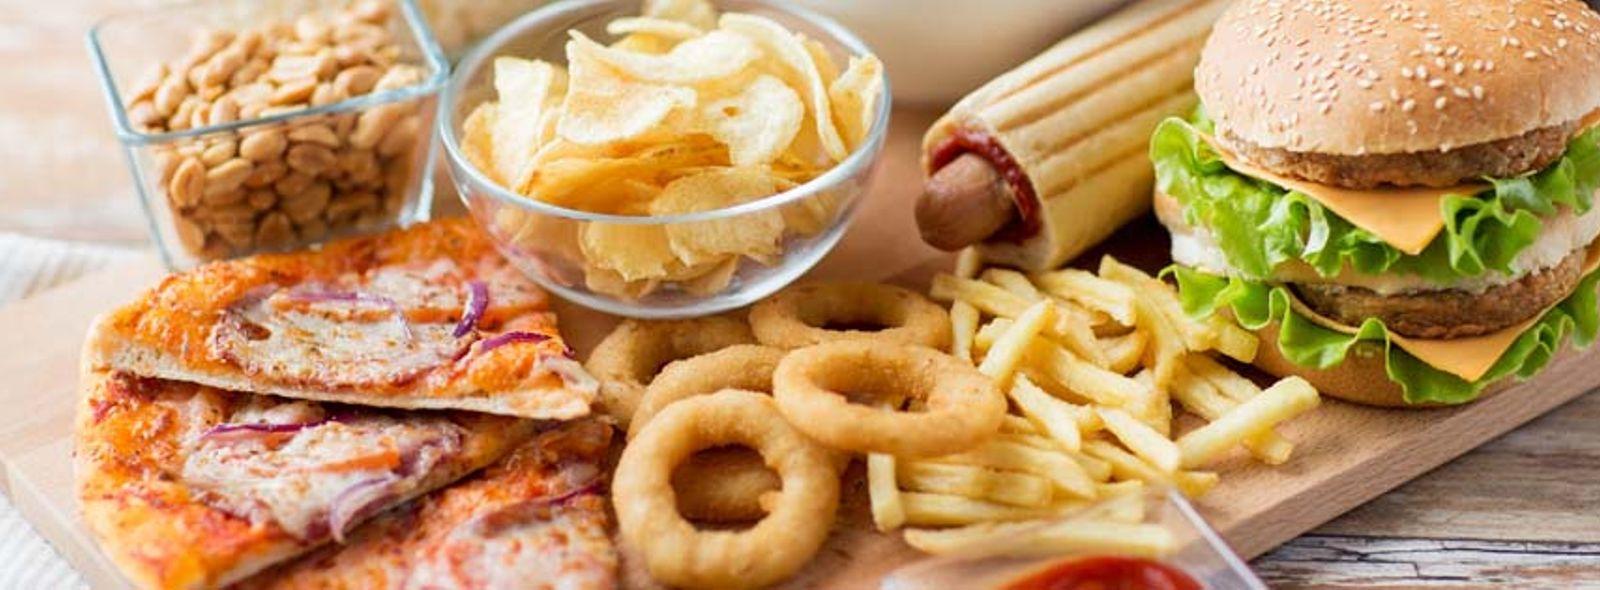 Quali sono le peggiori abitudini alimentari